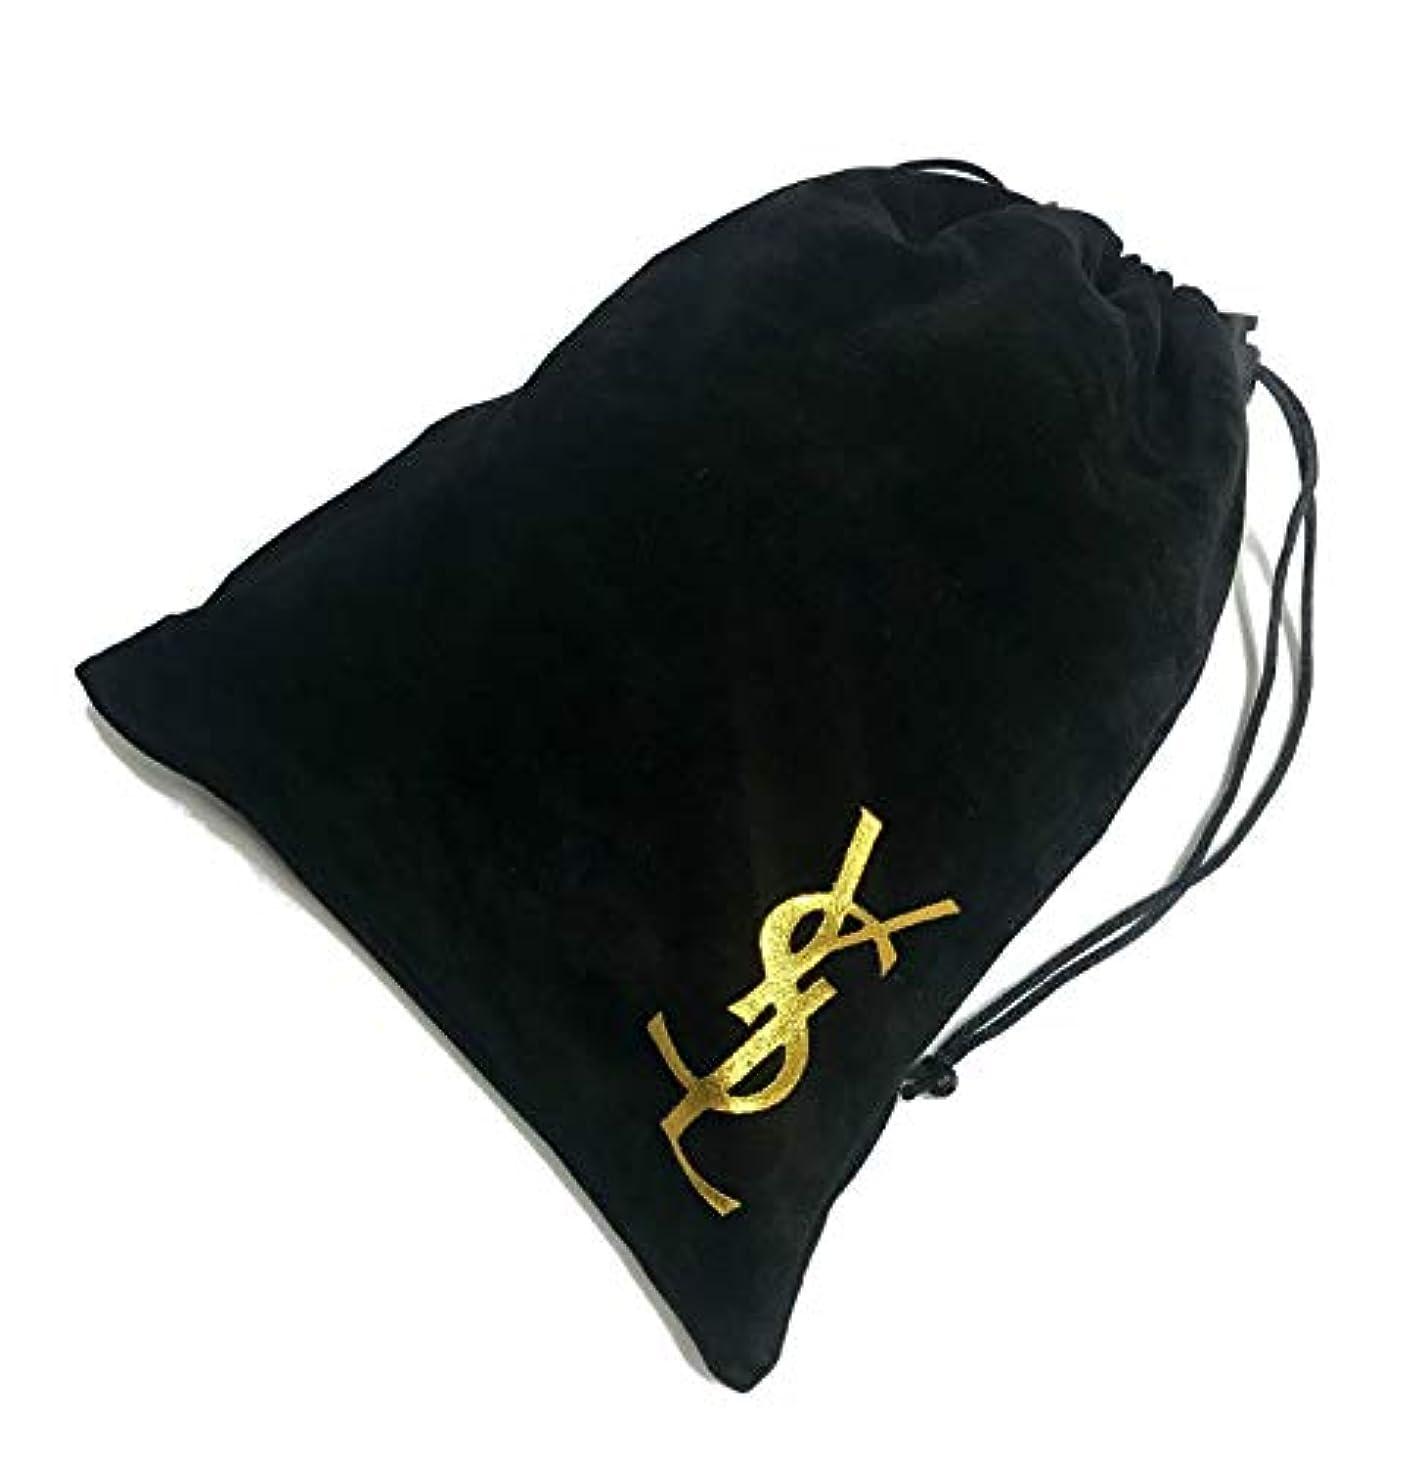 マチュピチュカートンうれしいYves Saint-Laurent コスメ 収納 ベロア 巾着袋 ポーチ